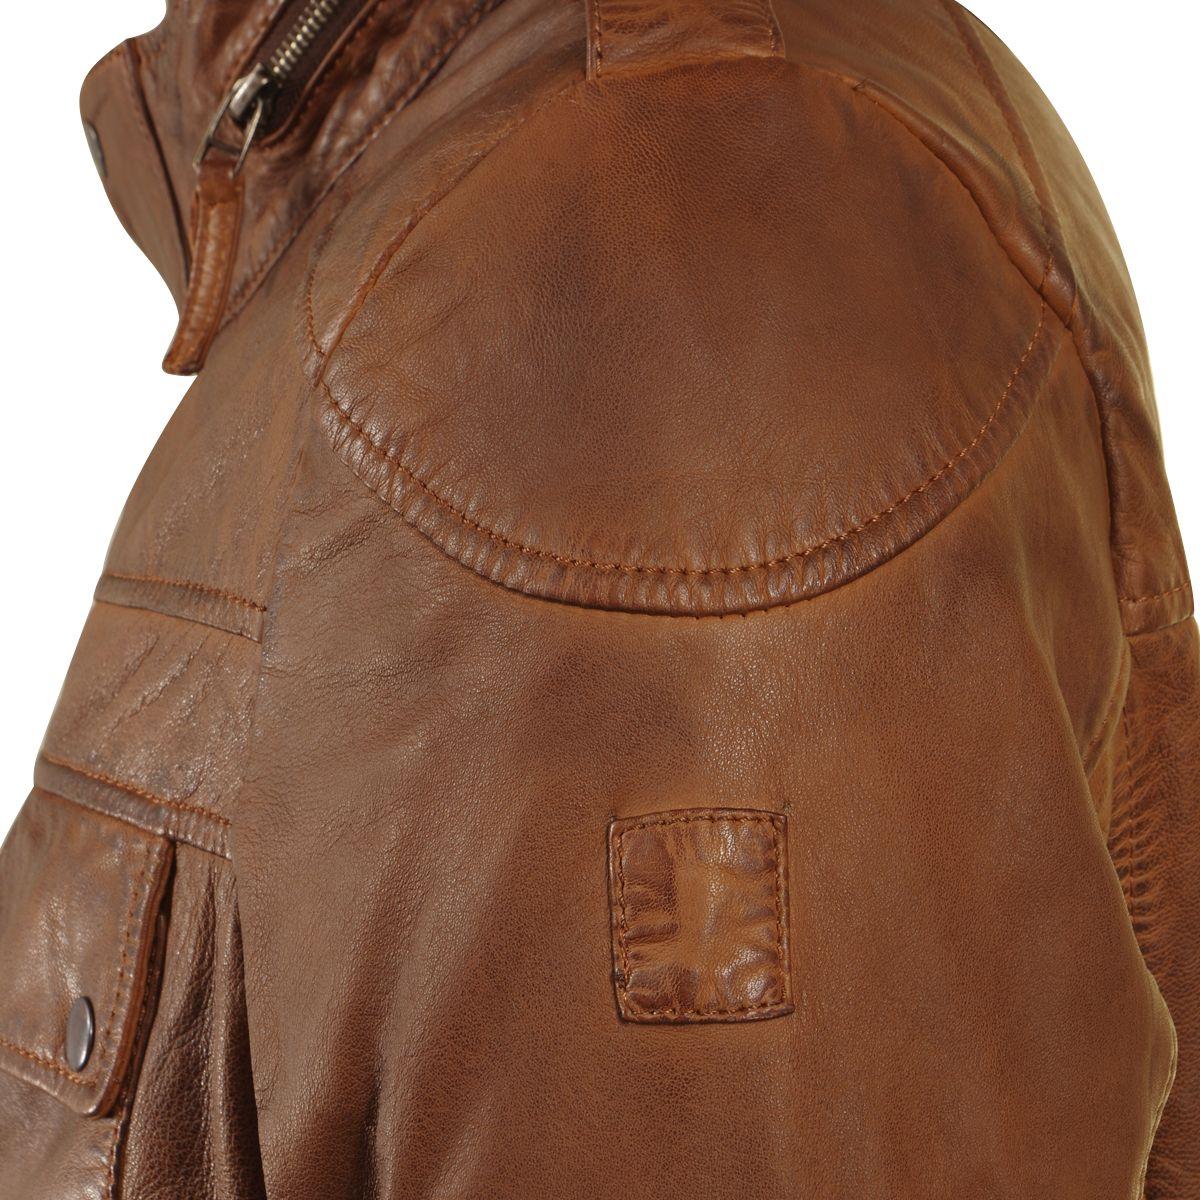 blouson en cuir marron pour homme grand du m au 3xl. Black Bedroom Furniture Sets. Home Design Ideas